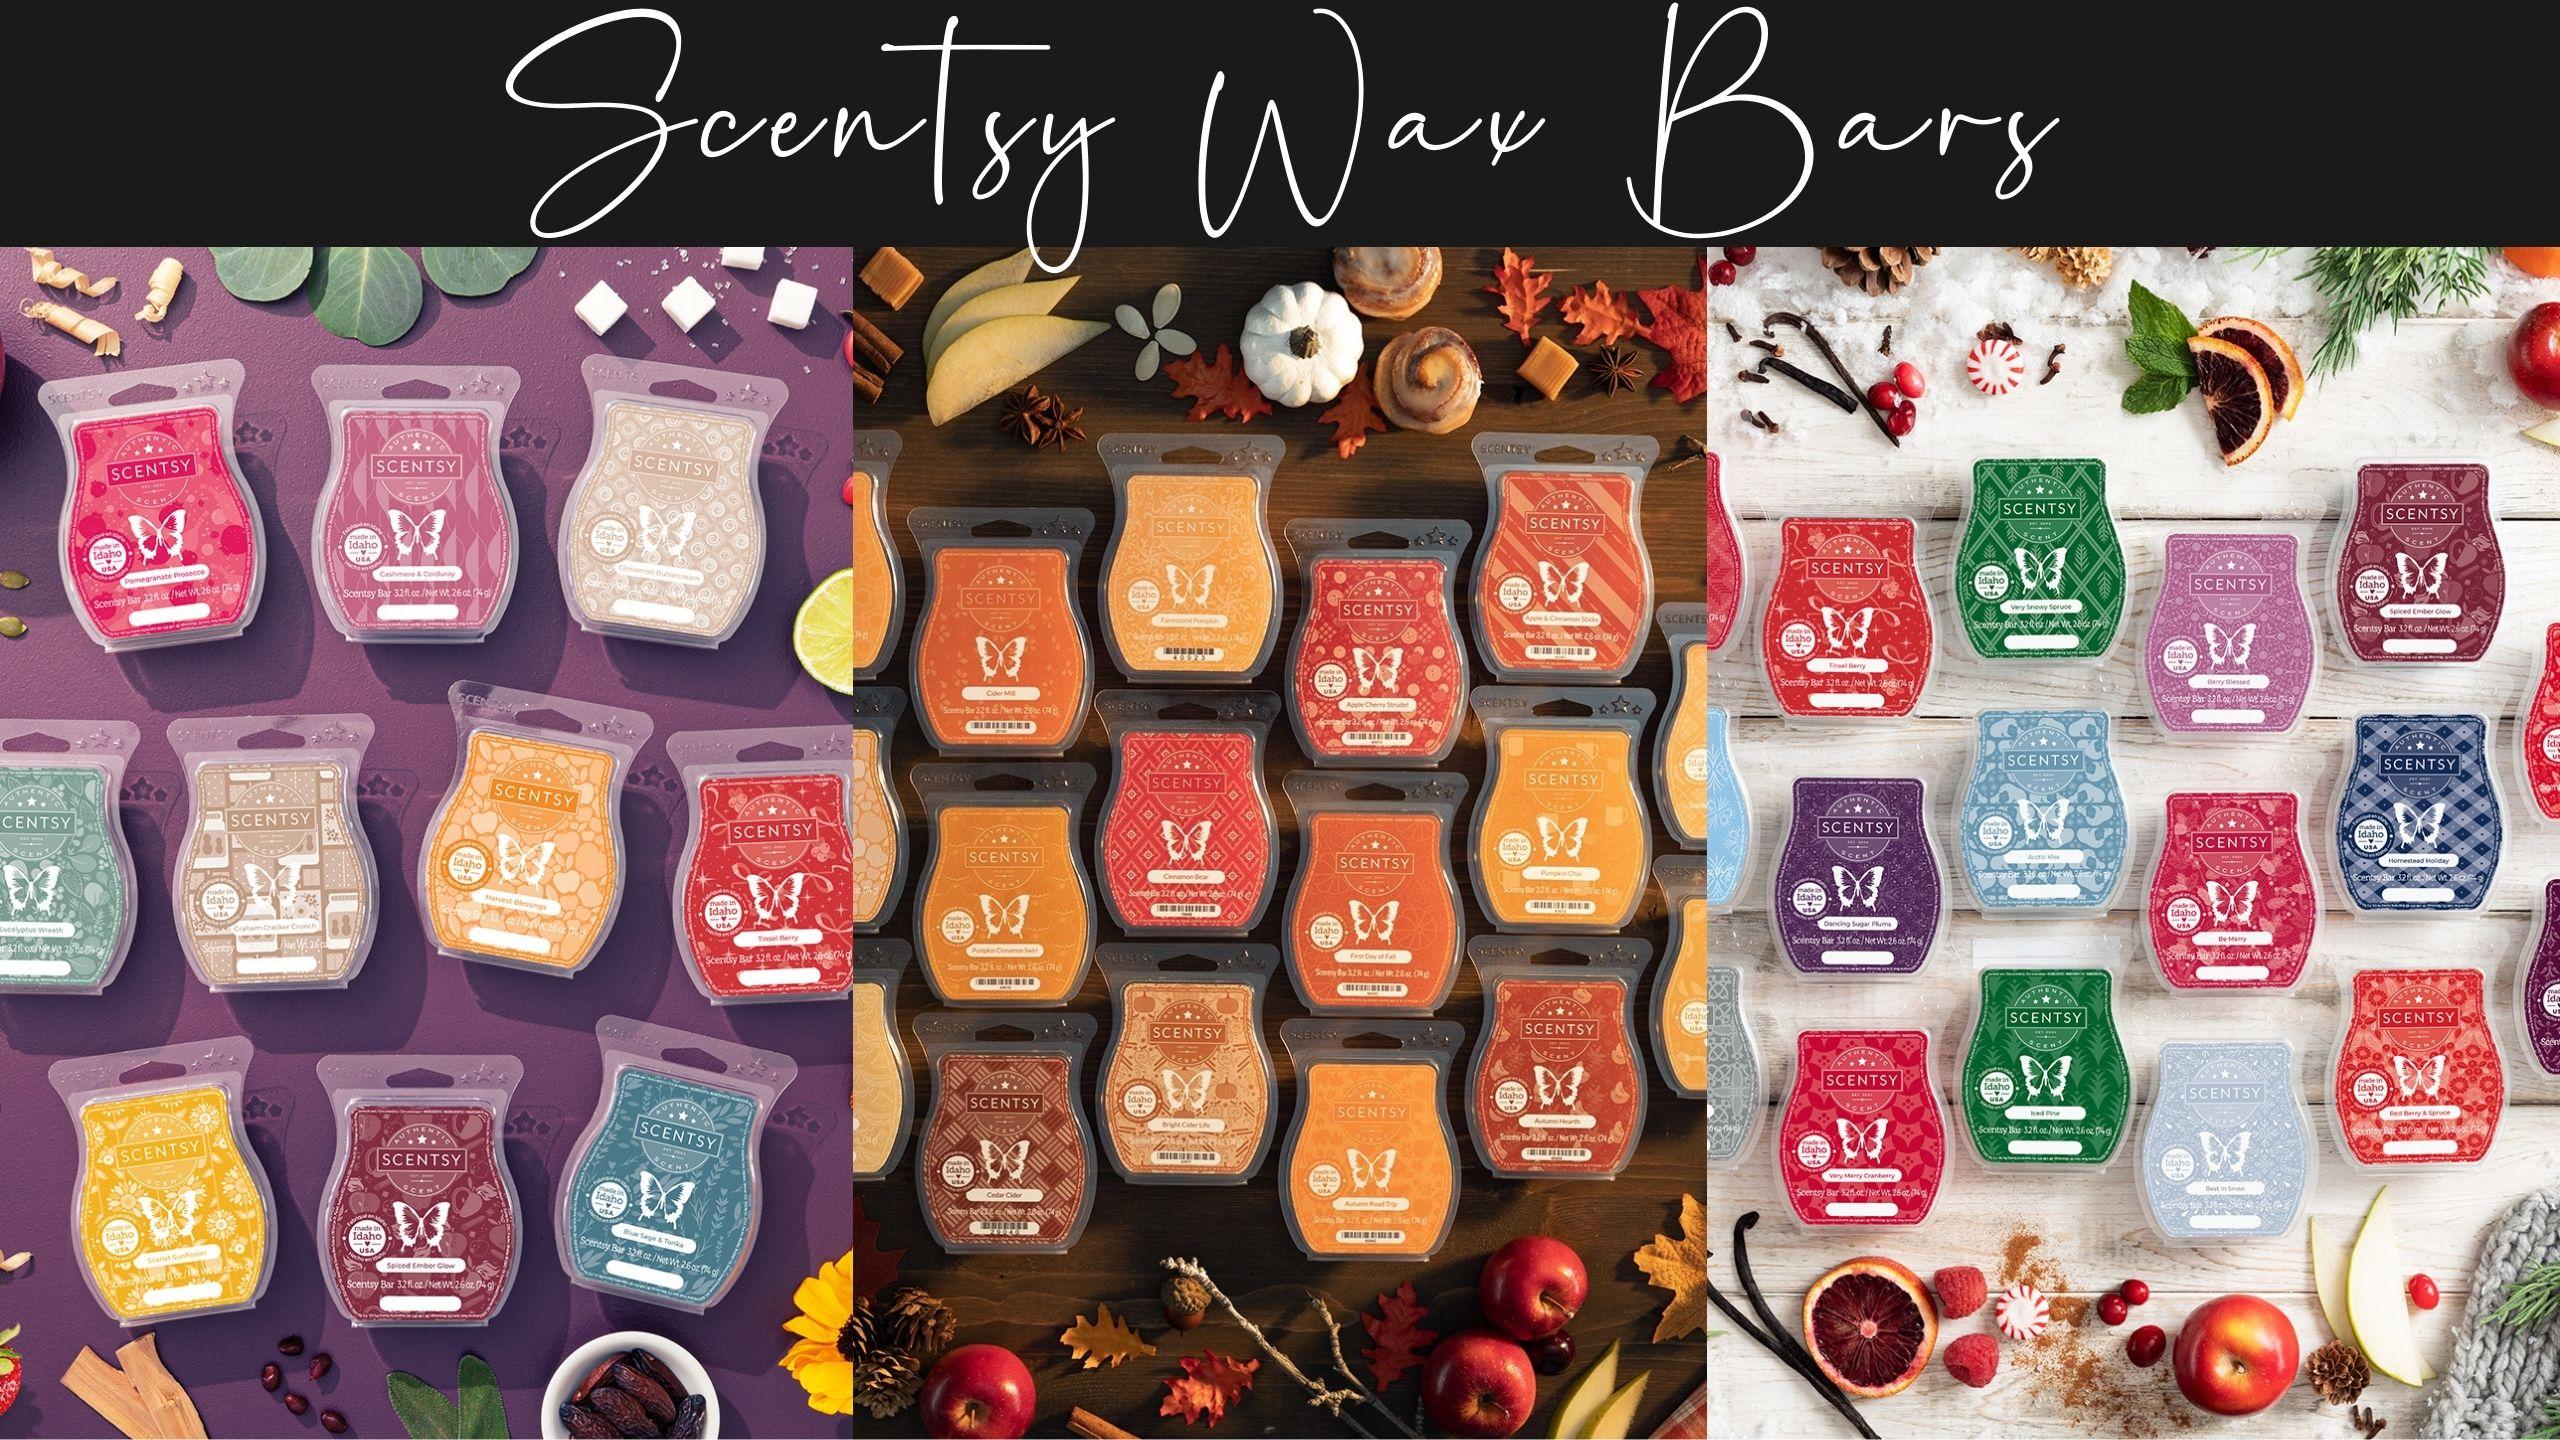 Scentsy Candle Bars Wax Bars